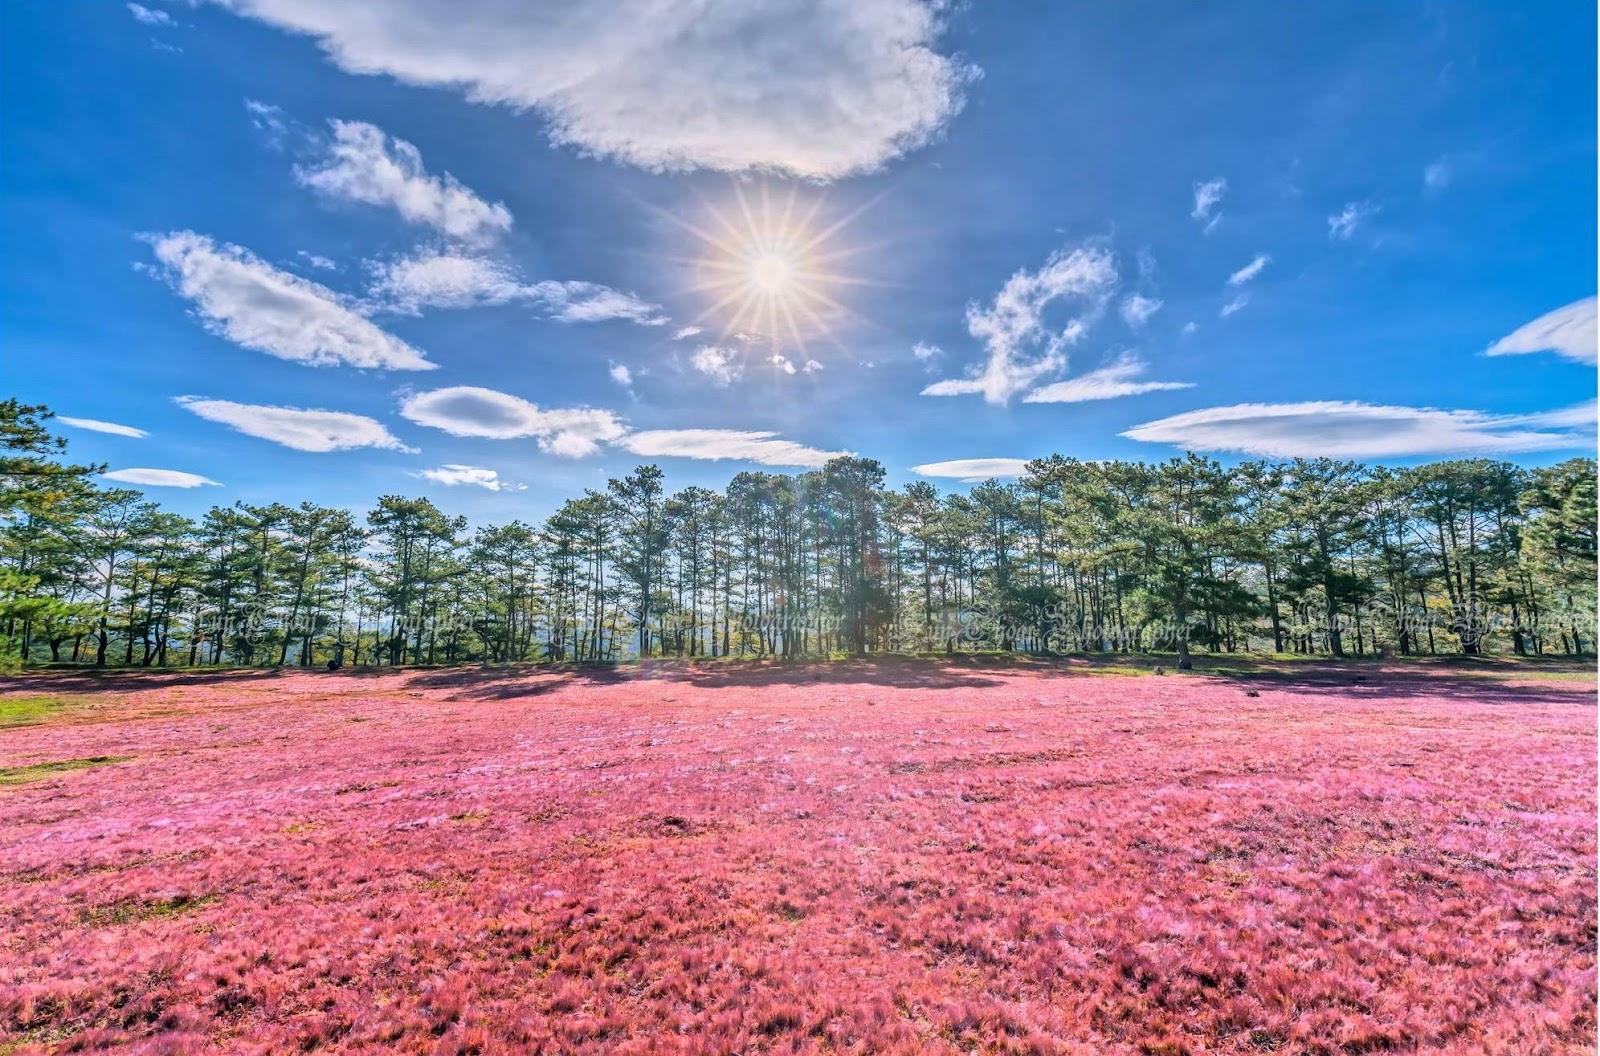 Đồi cỏ hồng Đà Lạt khi nắng lên